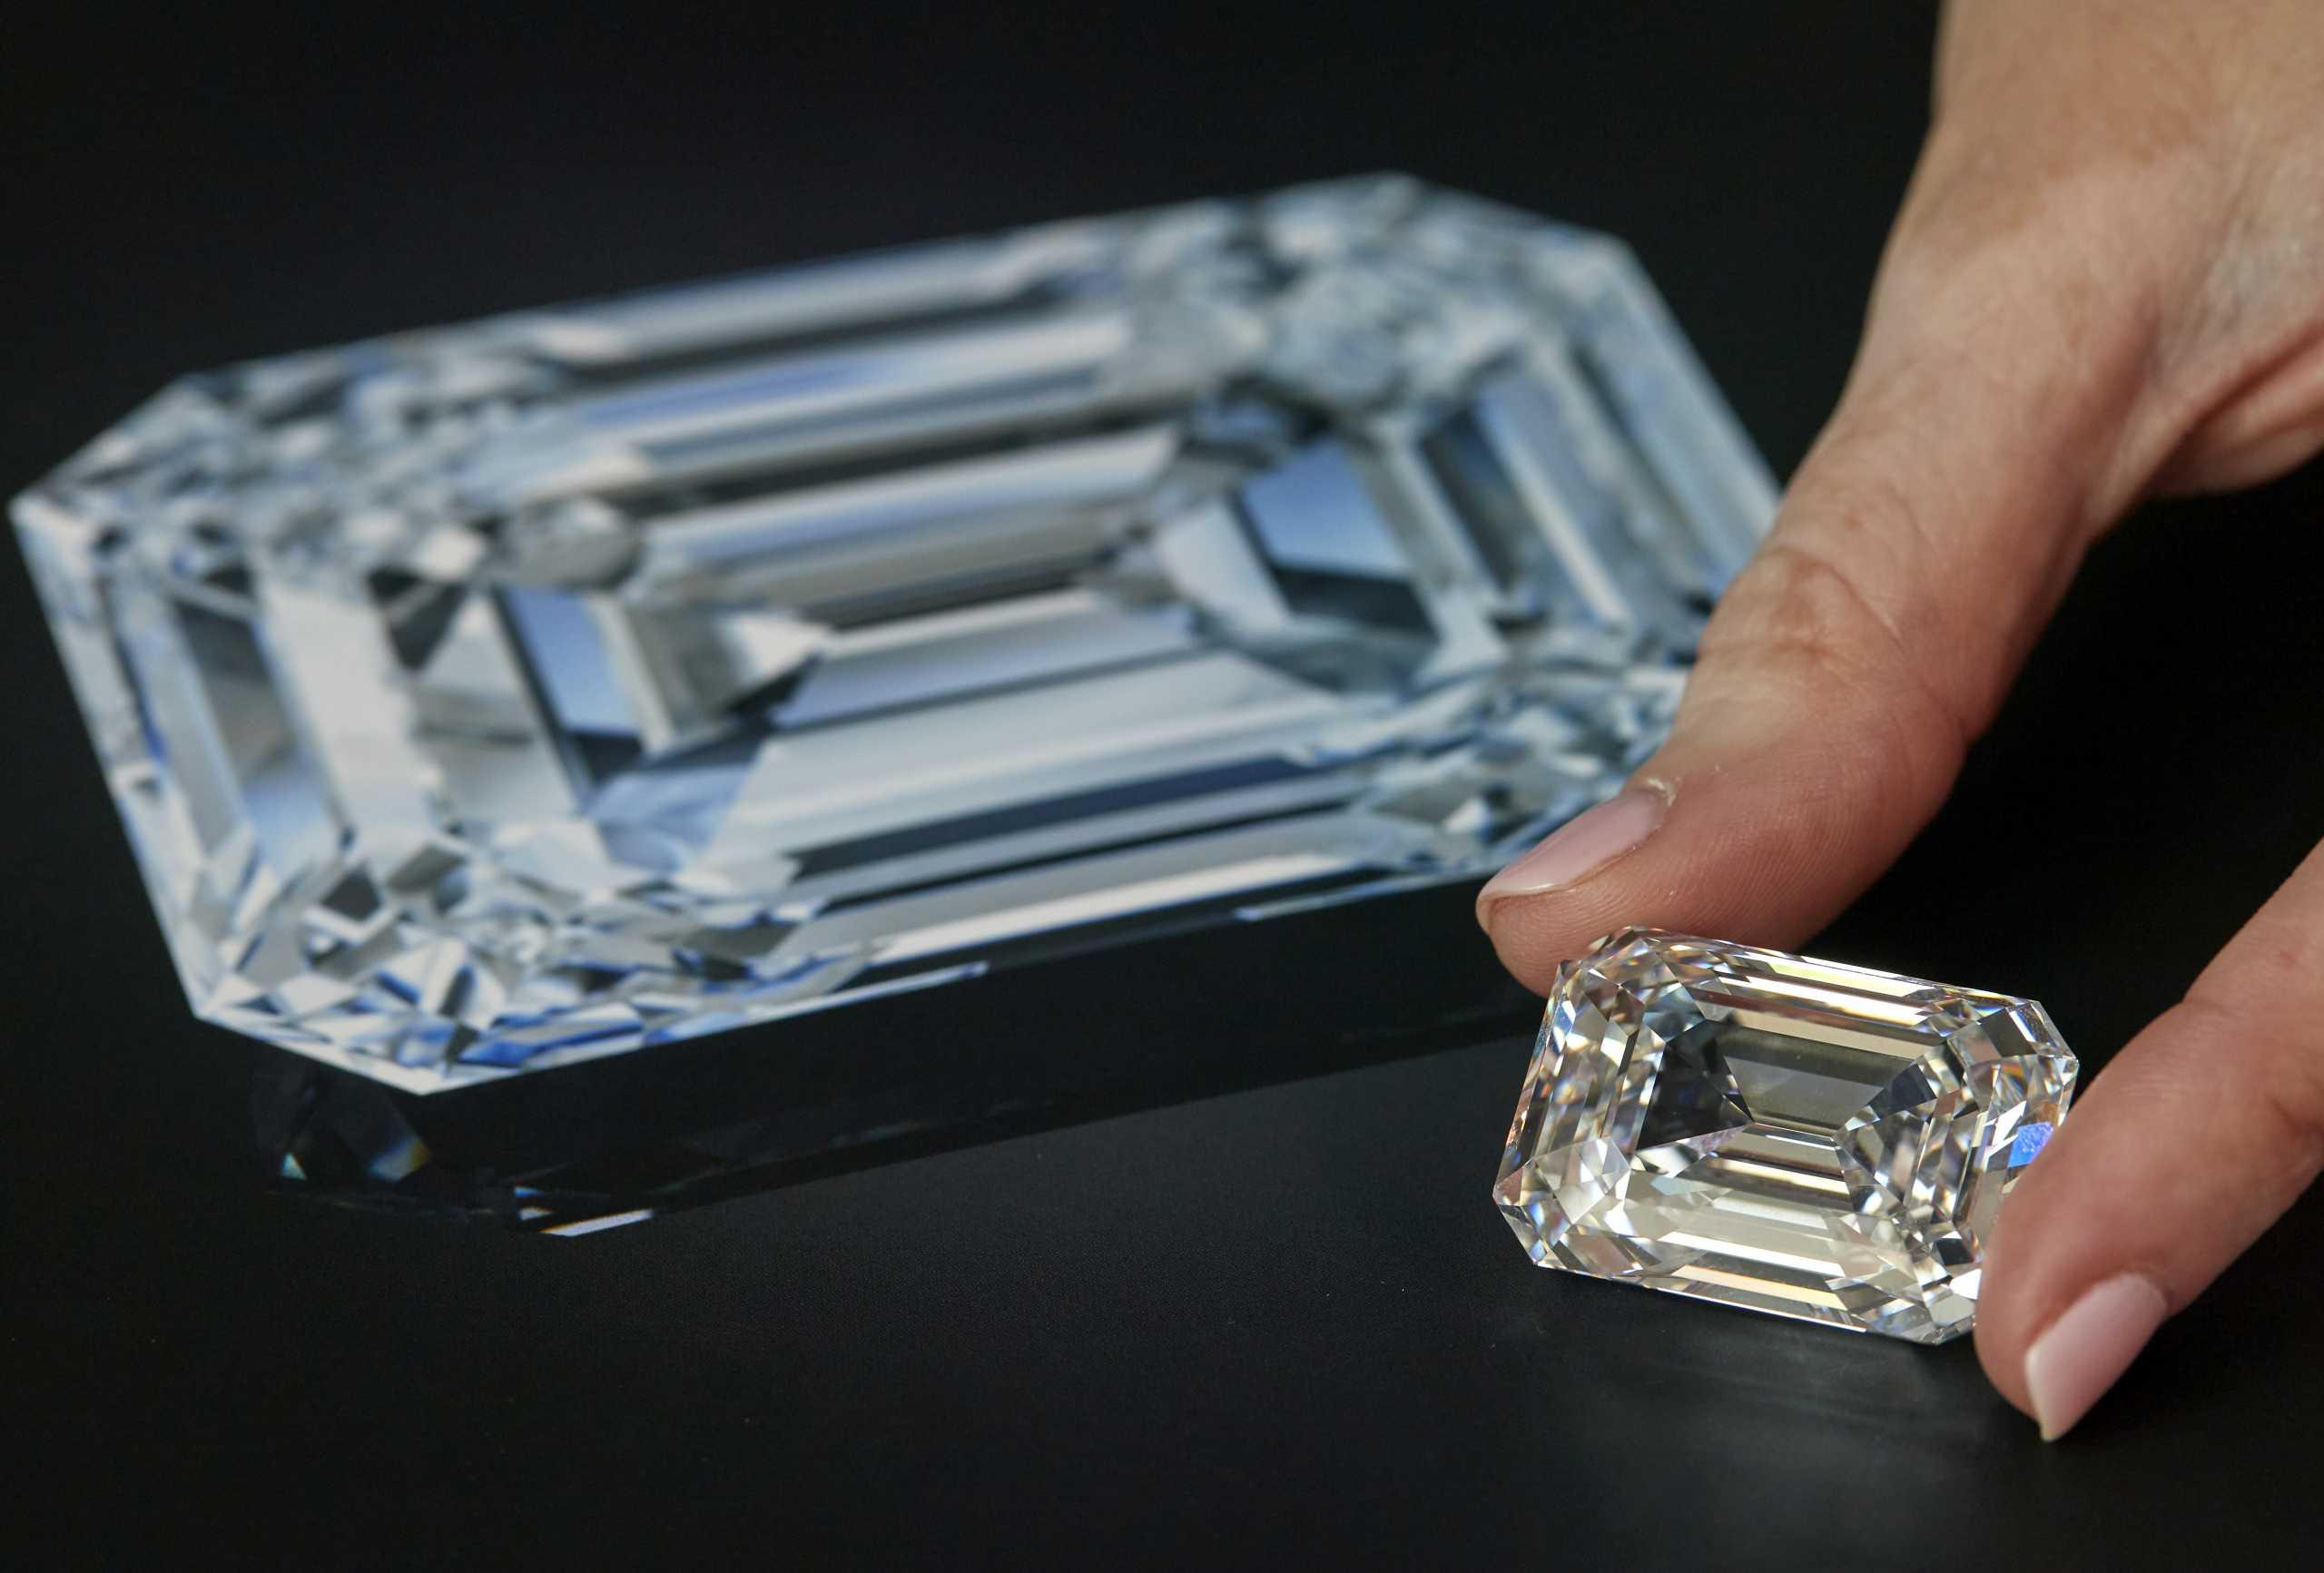 Στο «σφυρί» διαμάντι 101 καρατιών  στη Γενεύη – Μπορεί να «πιάσει» 18 εκατ. ελβετικά φράγκα (pics)